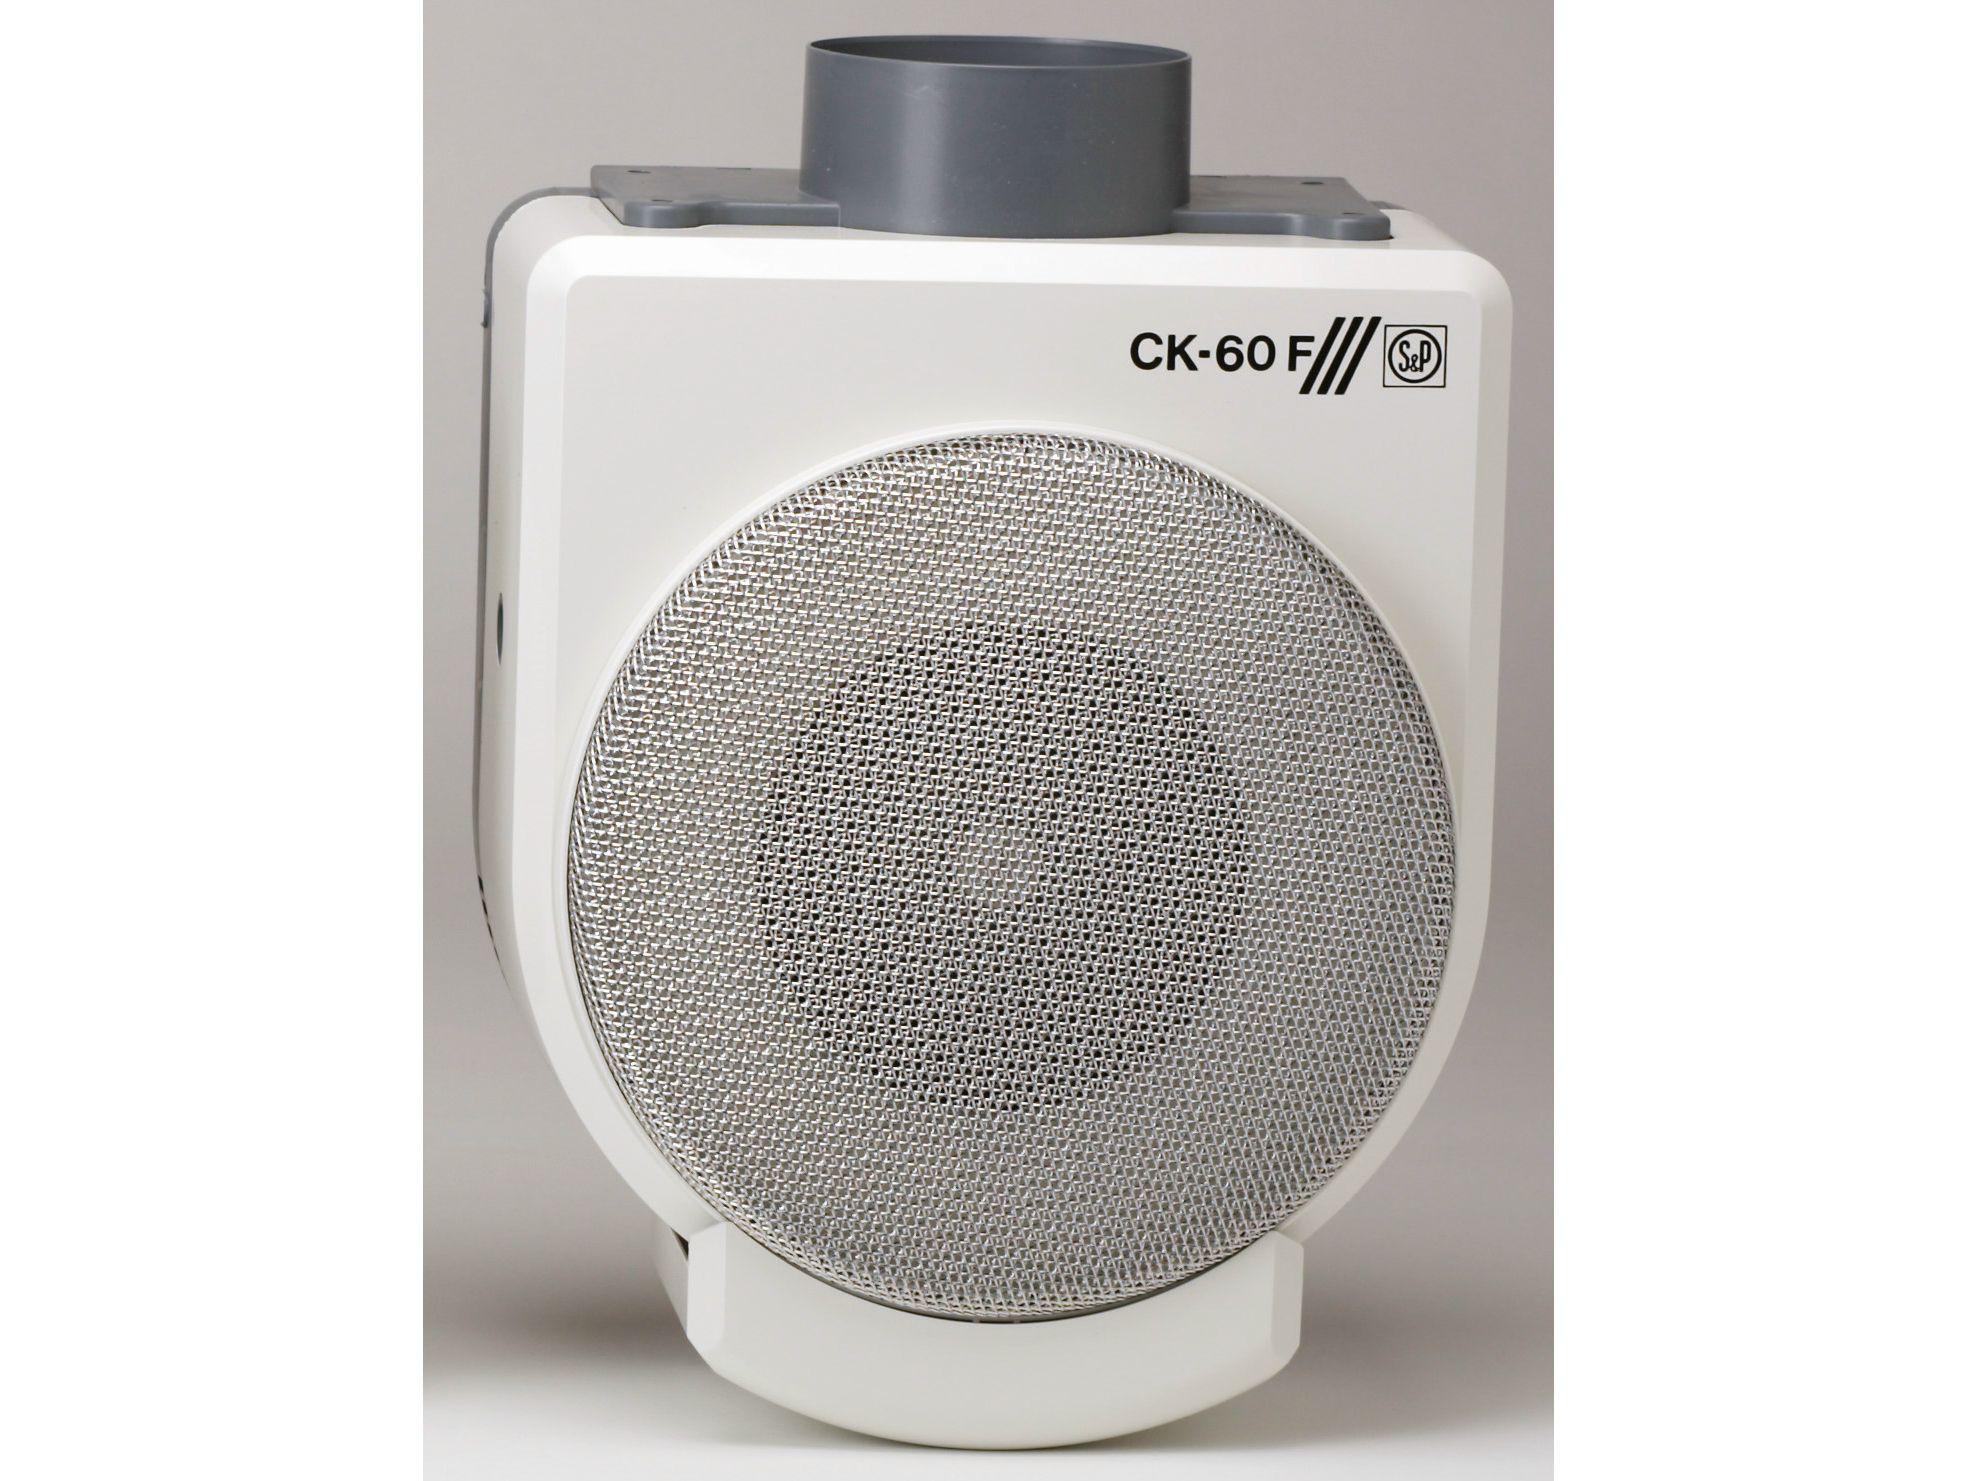 Estrattore centrifugo per cappe da cucina ck by s p italia - Motori per cappe da cucina ...